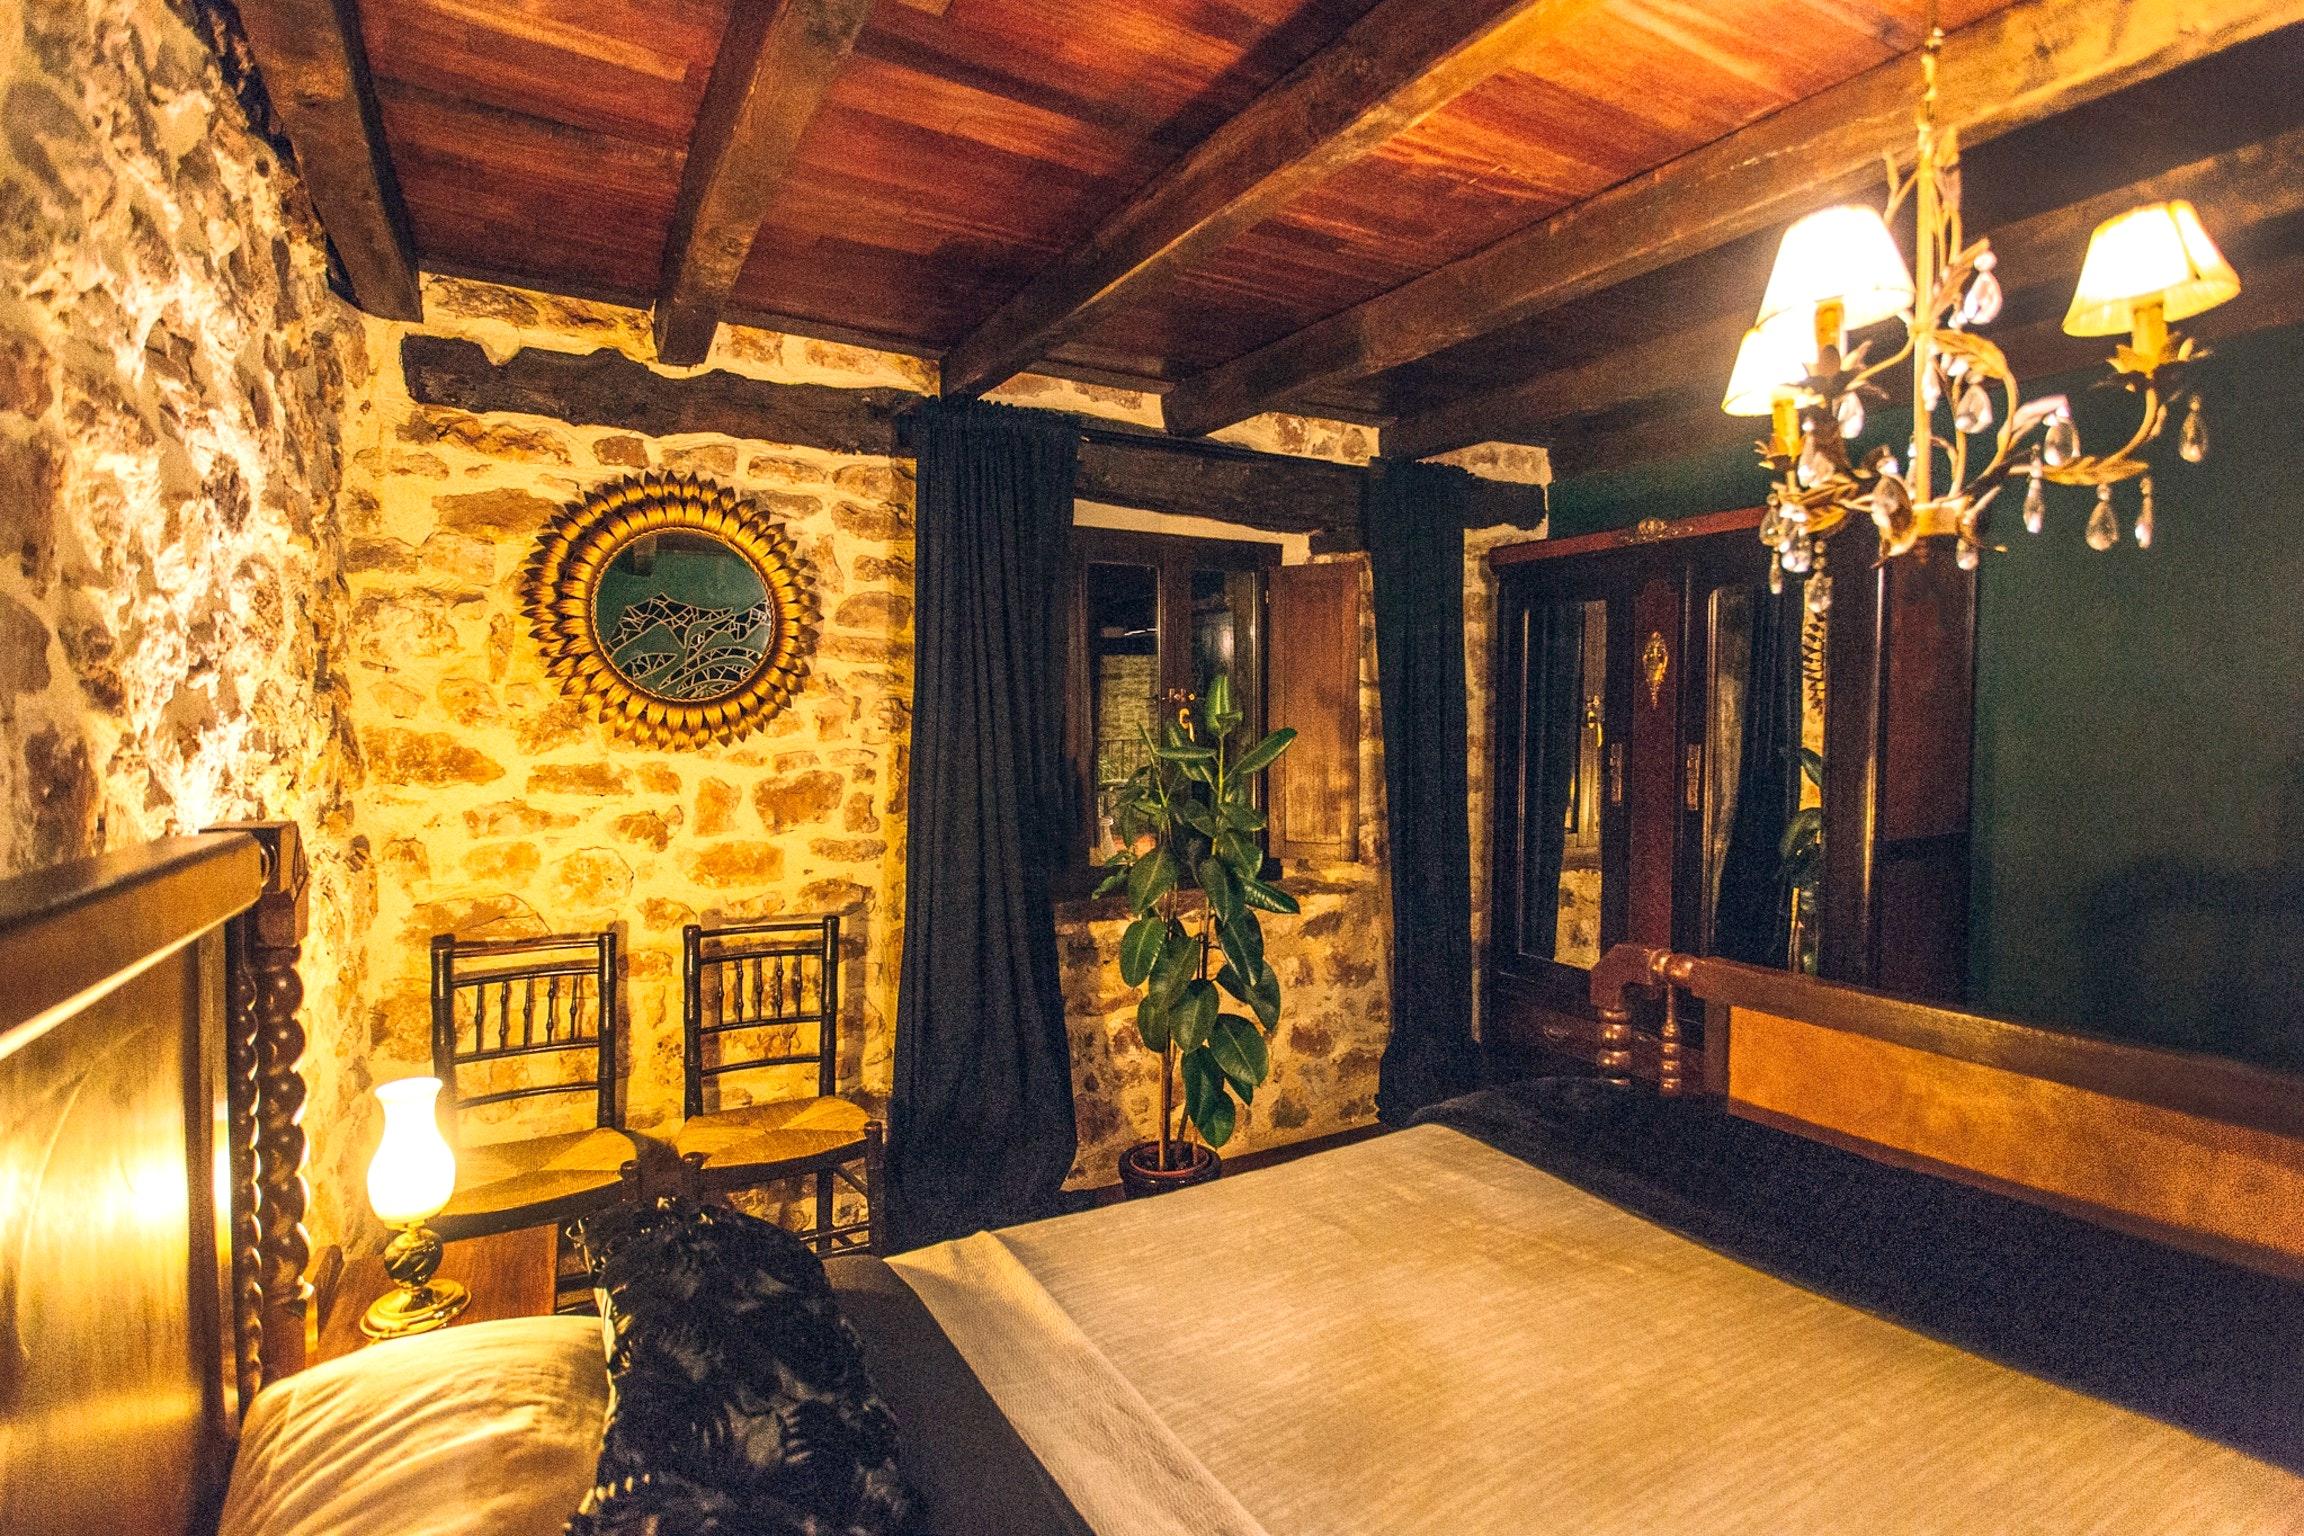 Ferienhaus Haus mit 5 Zimmern in Fuenteodra mit toller Aussicht auf die Berge, eingezäuntem Garten un (2211142), Fuenteodra, Burgos, Kastilien-León, Spanien, Bild 20